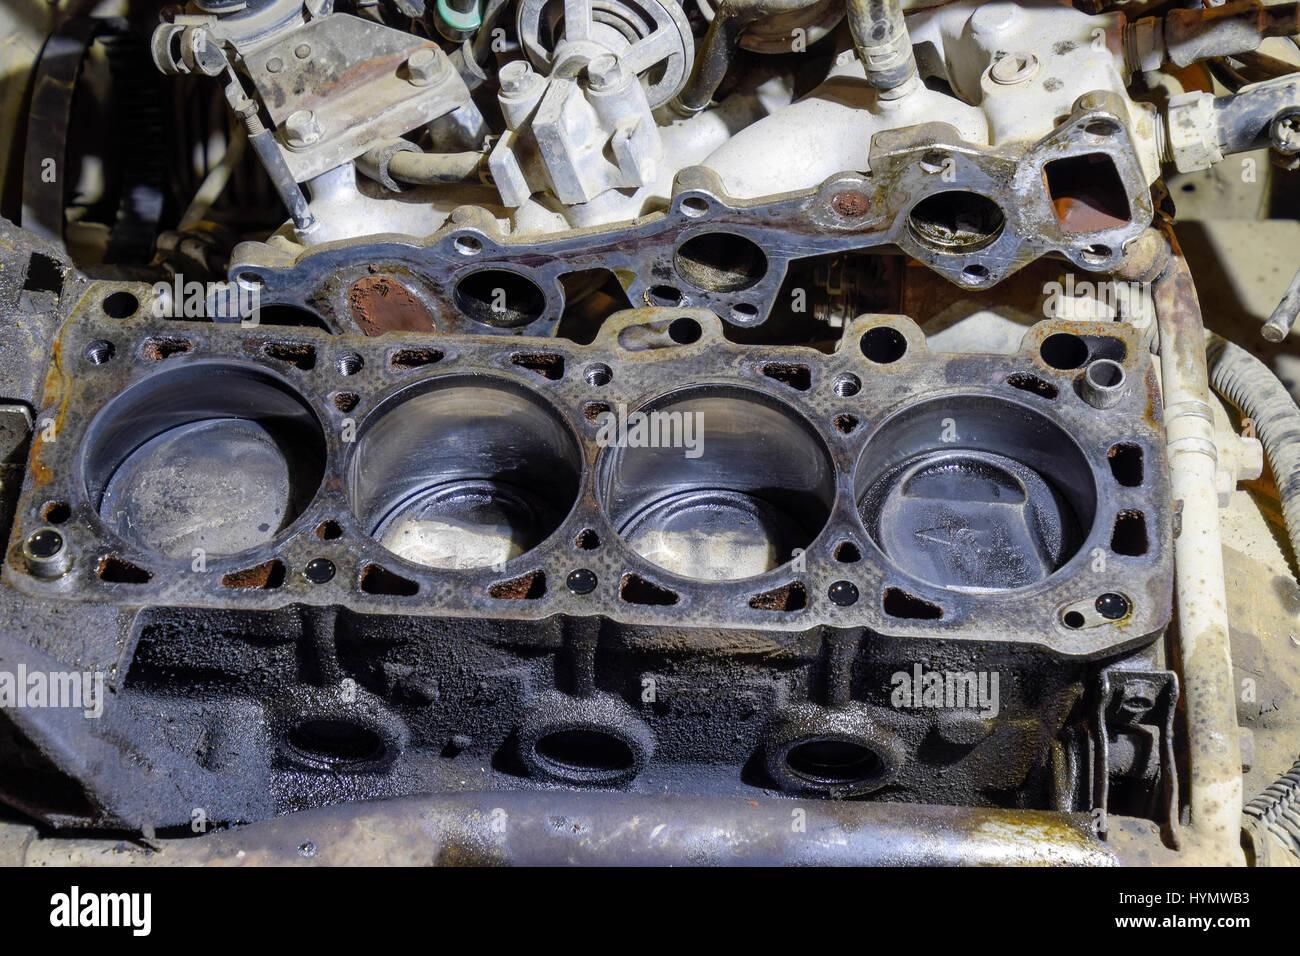 Ungewöhnlich Alle Teile Eines Automotors Galerie - Elektrische ...